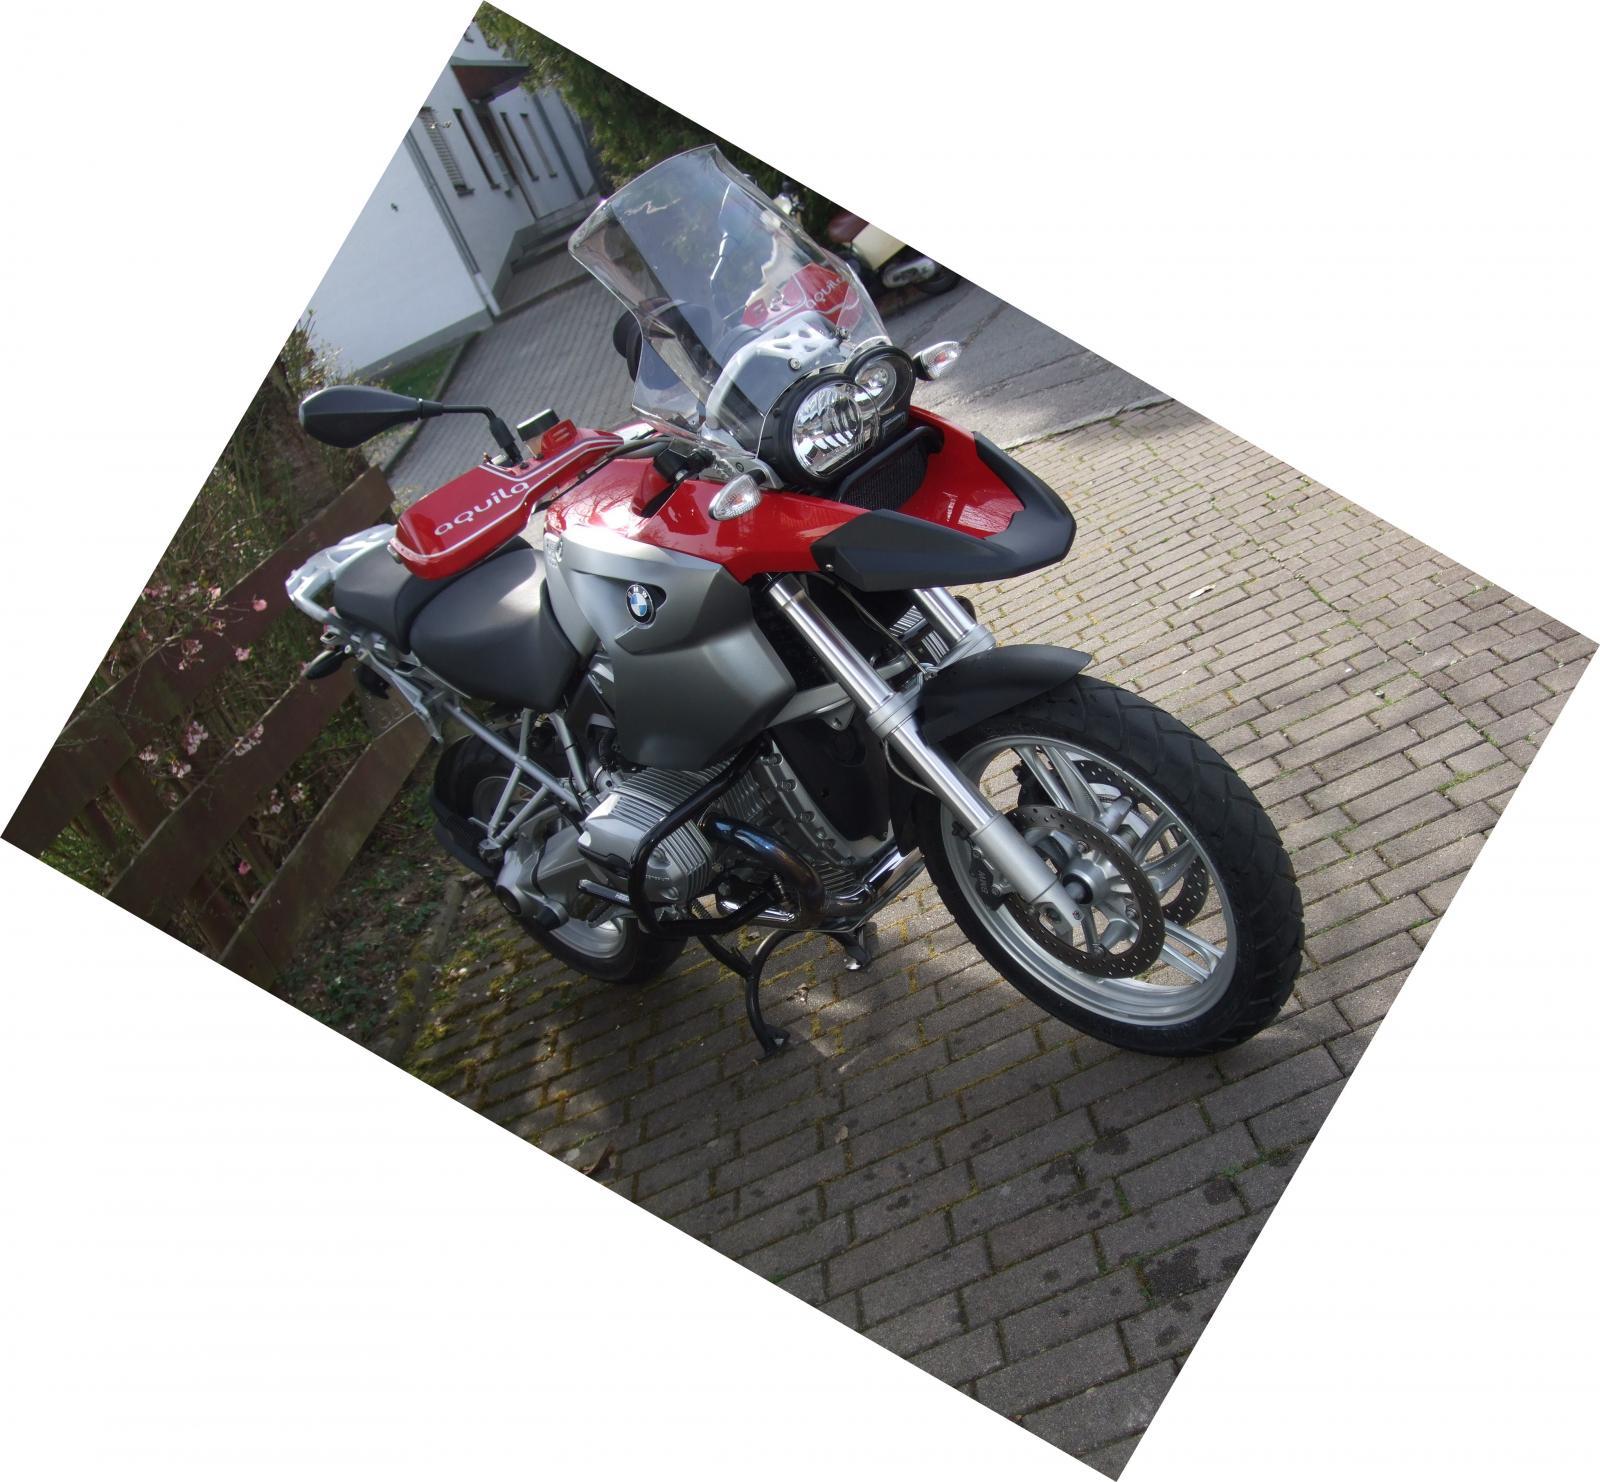 dscf5704-1.jpg